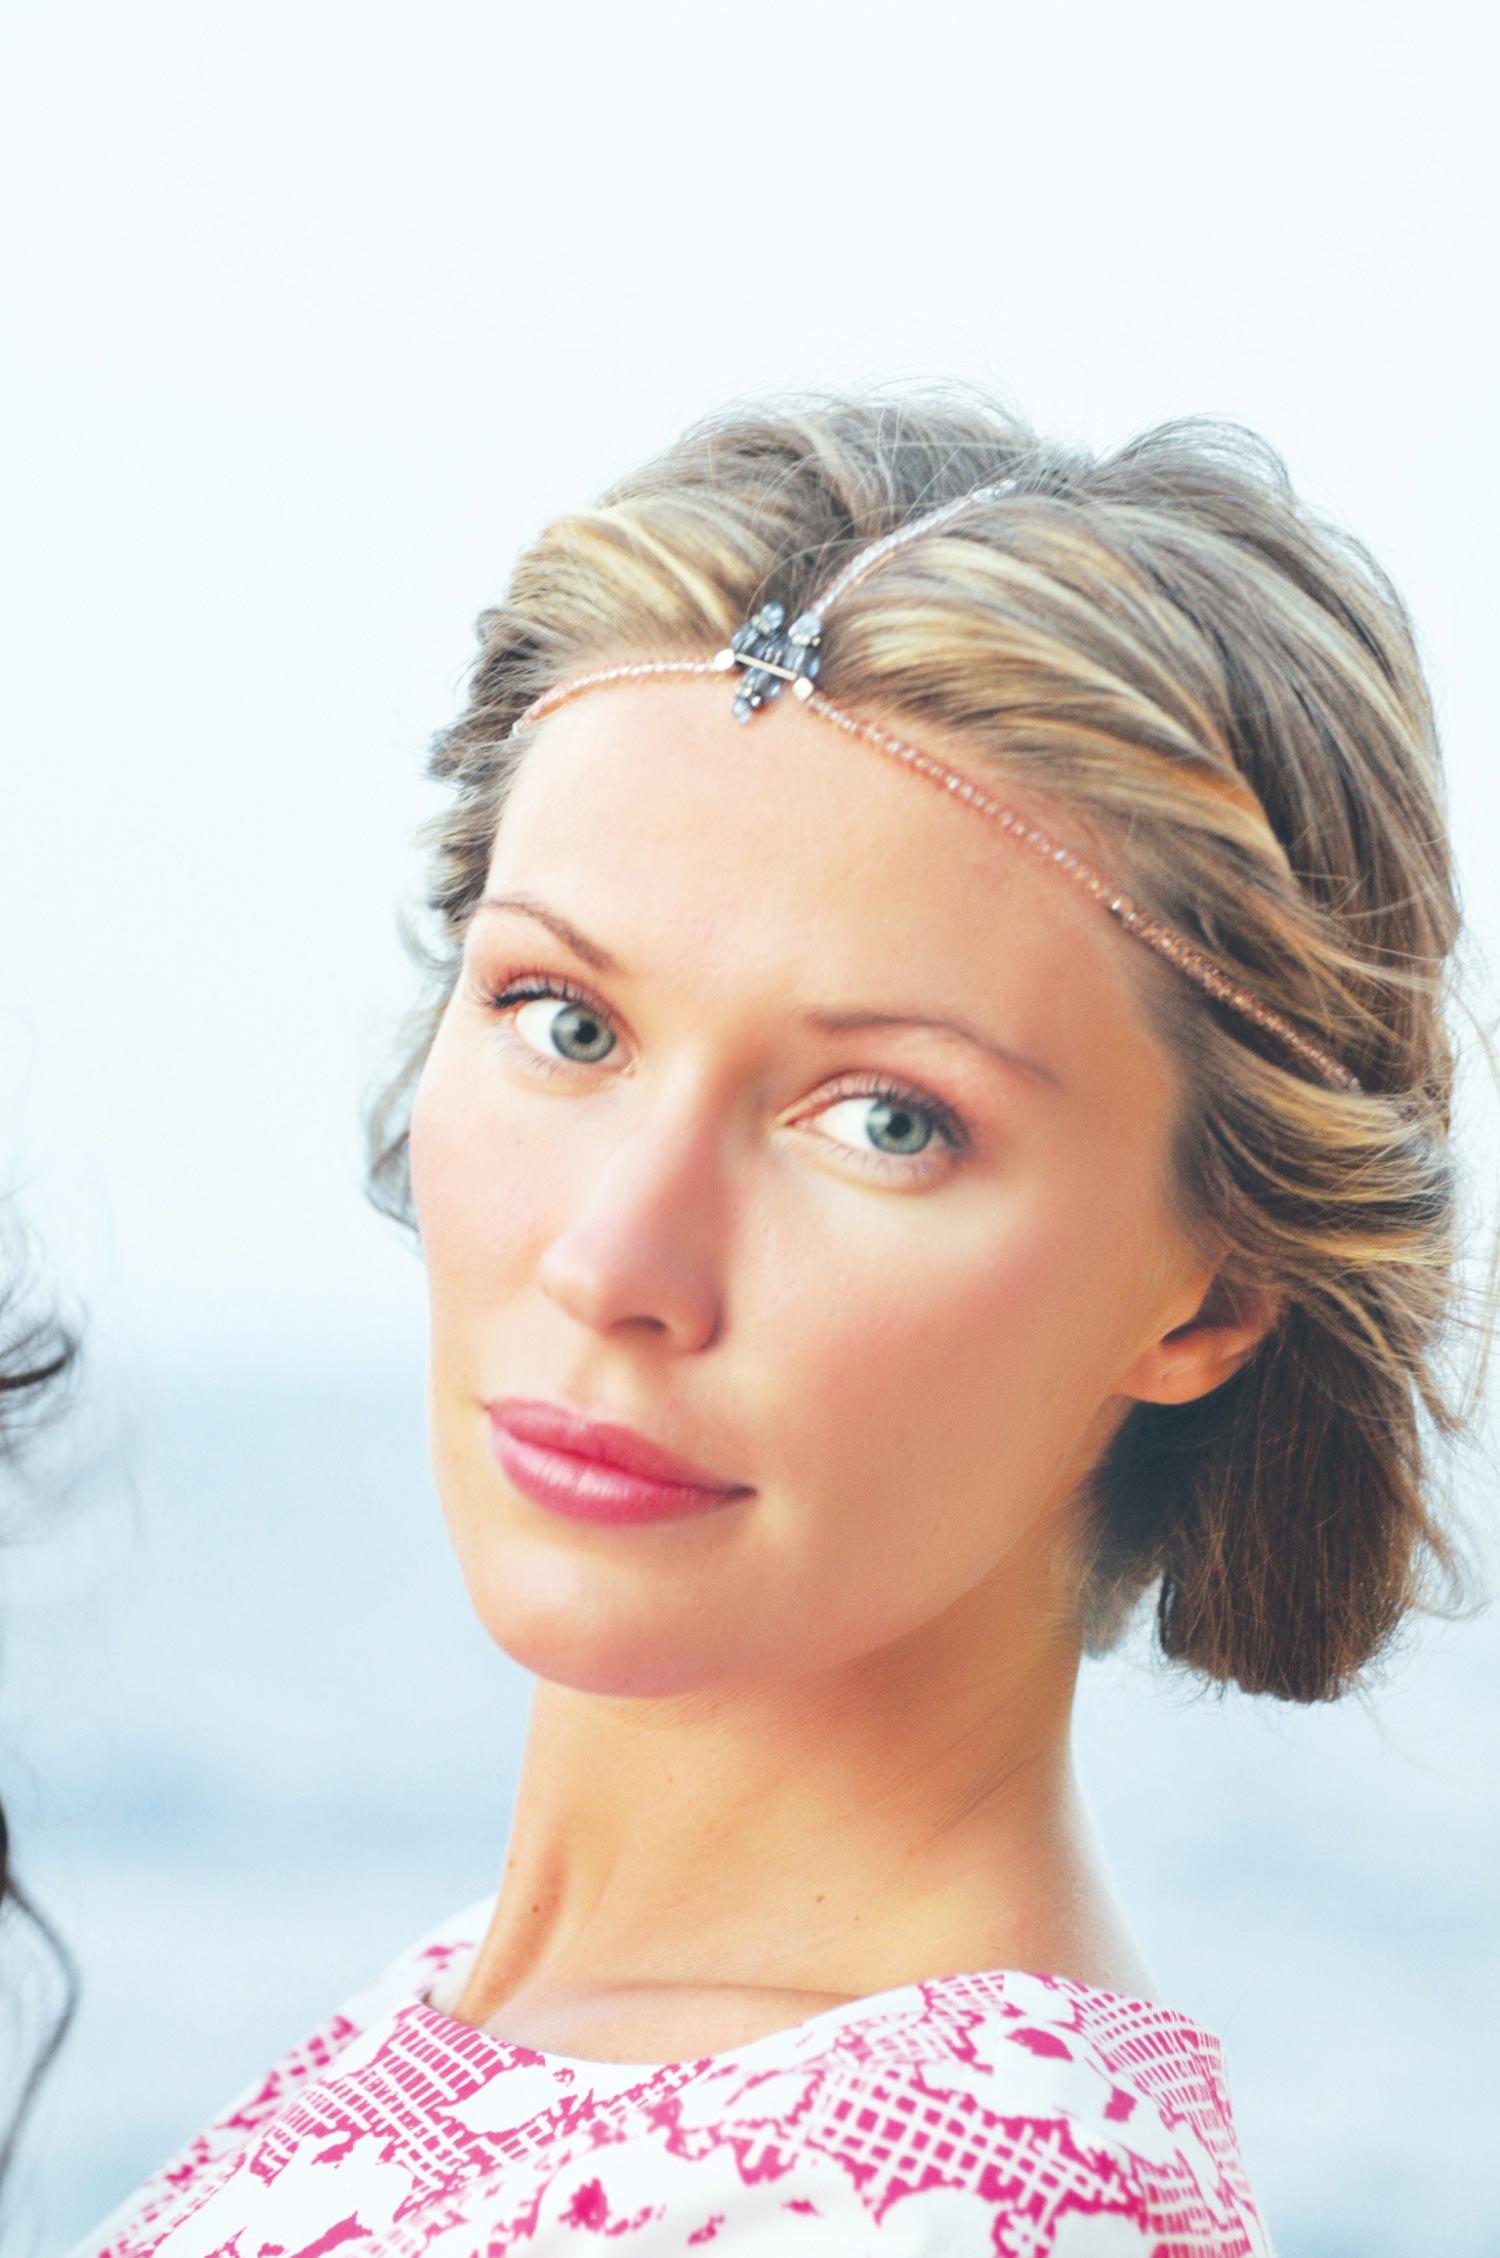 Дарья Погодина, актриса